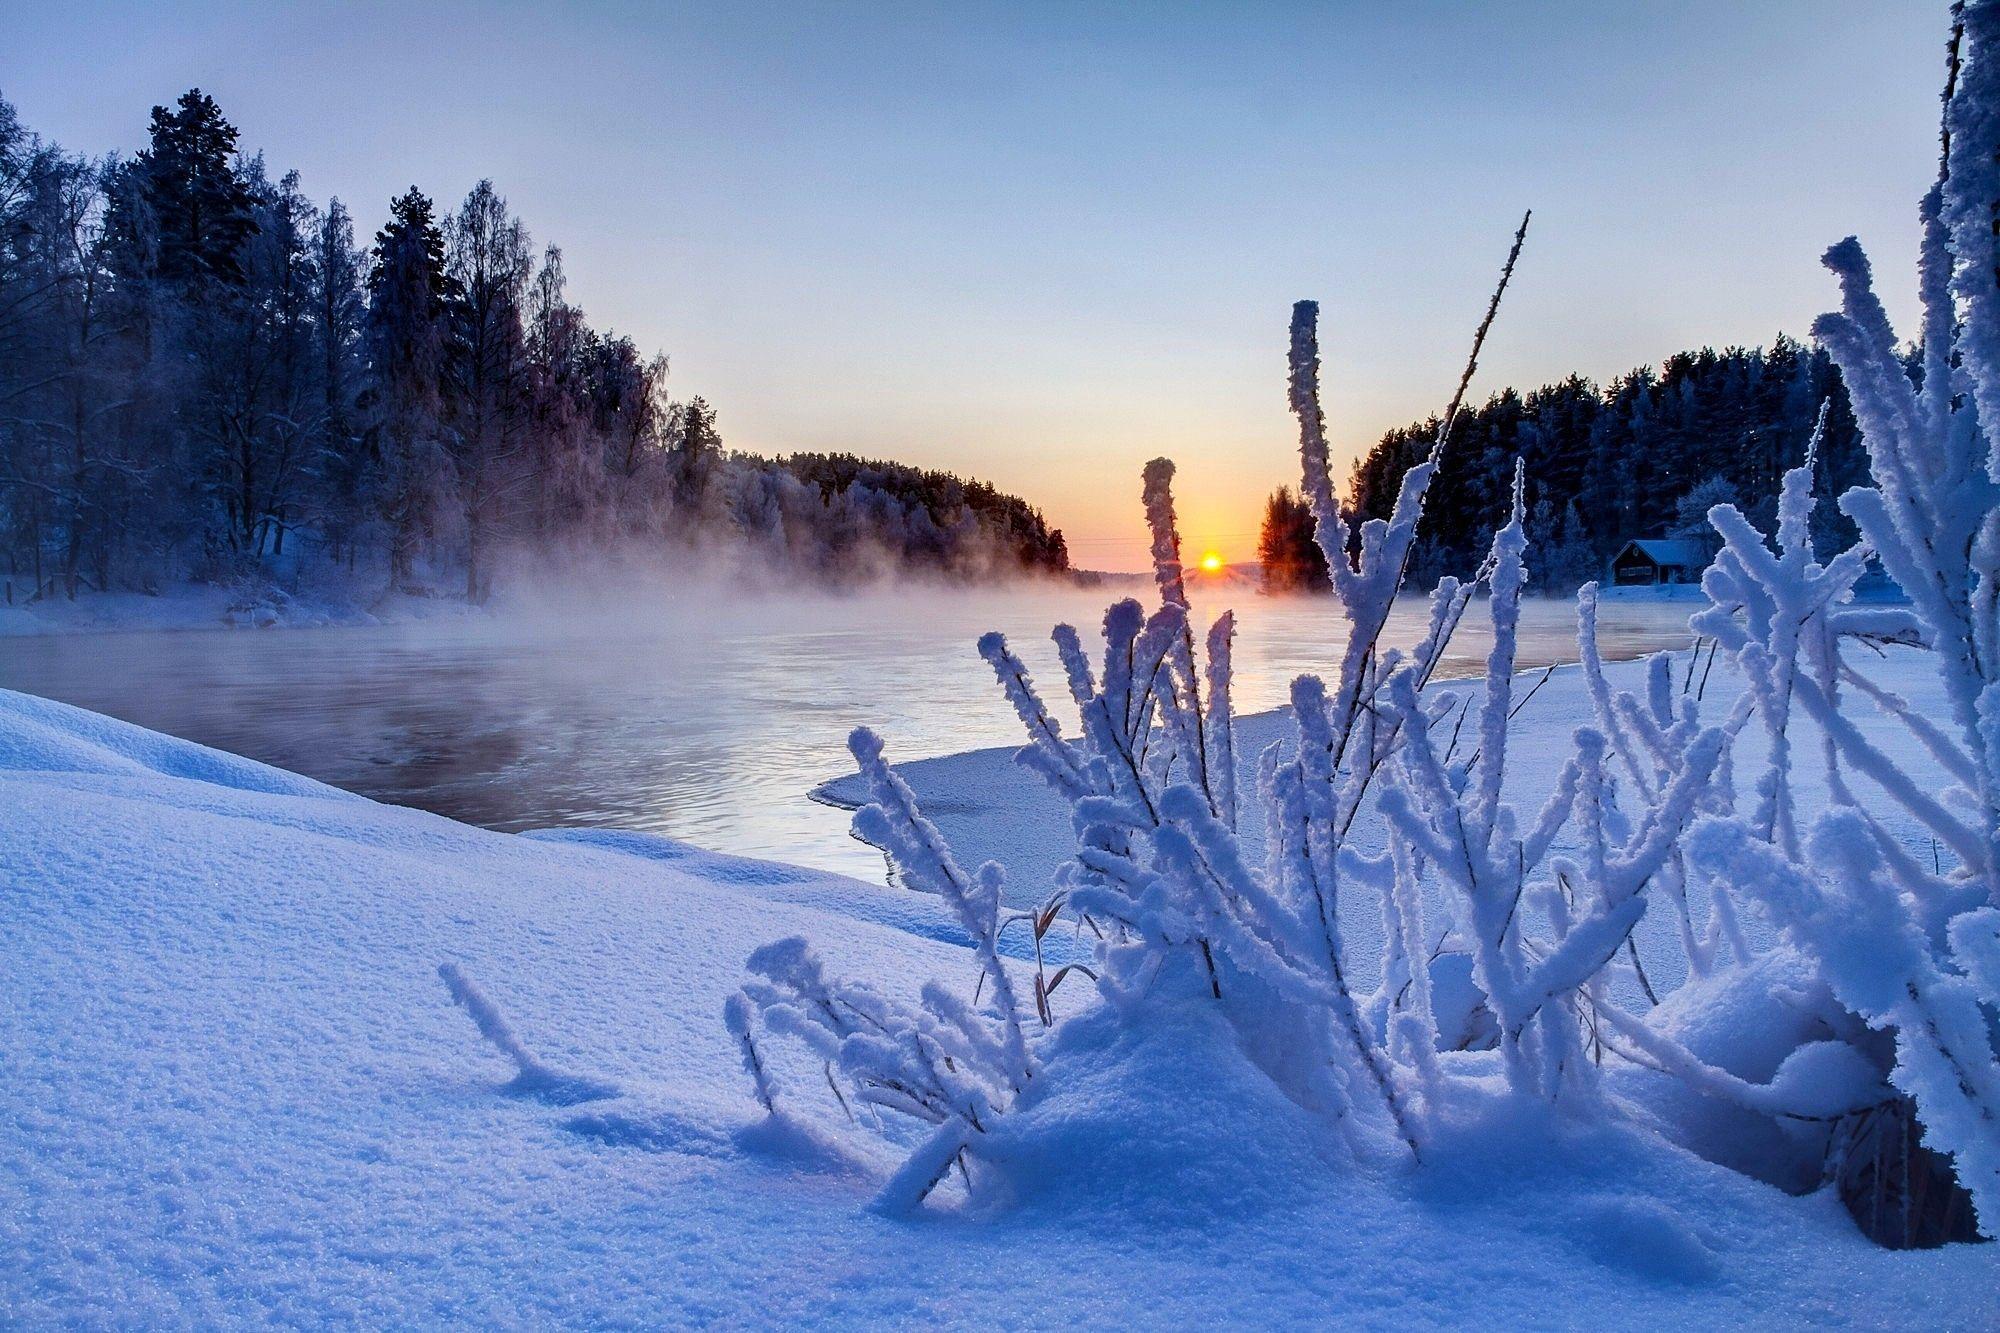 Amanecer de sol en invierno. Ver fotos HD de hermosas fauna fondos ...